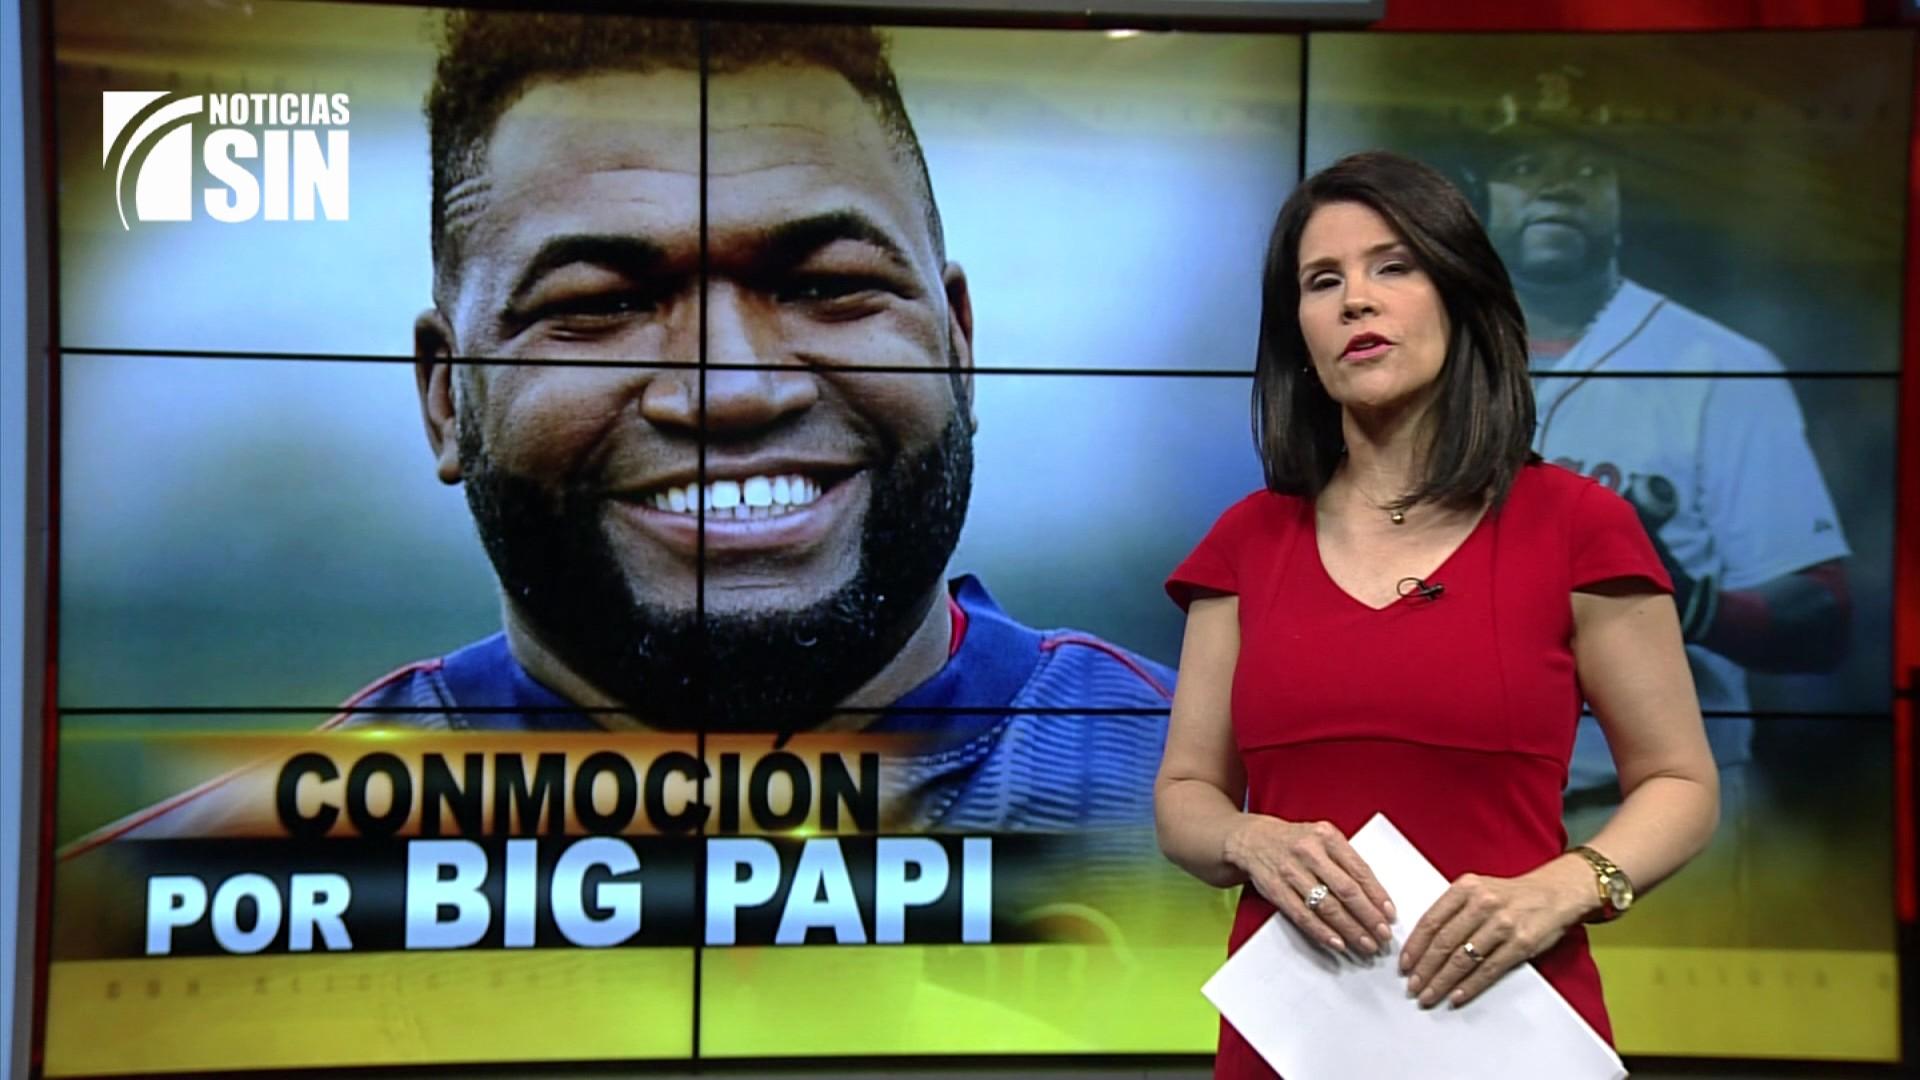 Big Papi: uno de los peloteros más querido del mundo, más allá del béisbol